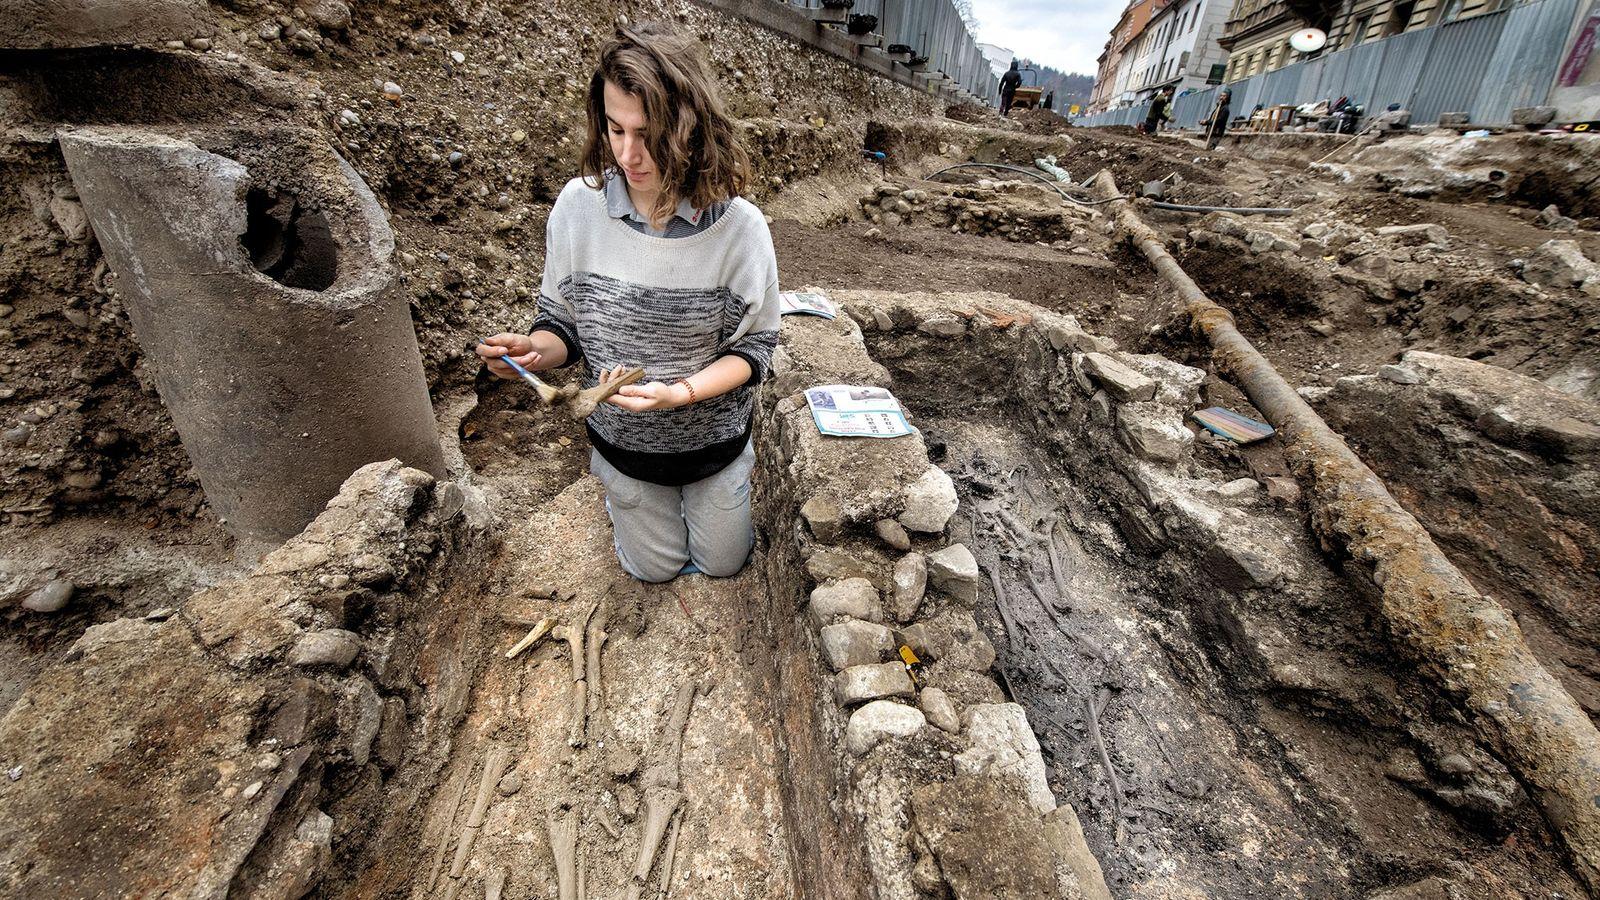 Des fouilles effectuées sous la rue Gosposvetska au centre-ville de Ljubljana ont révélé des vestiges de ...